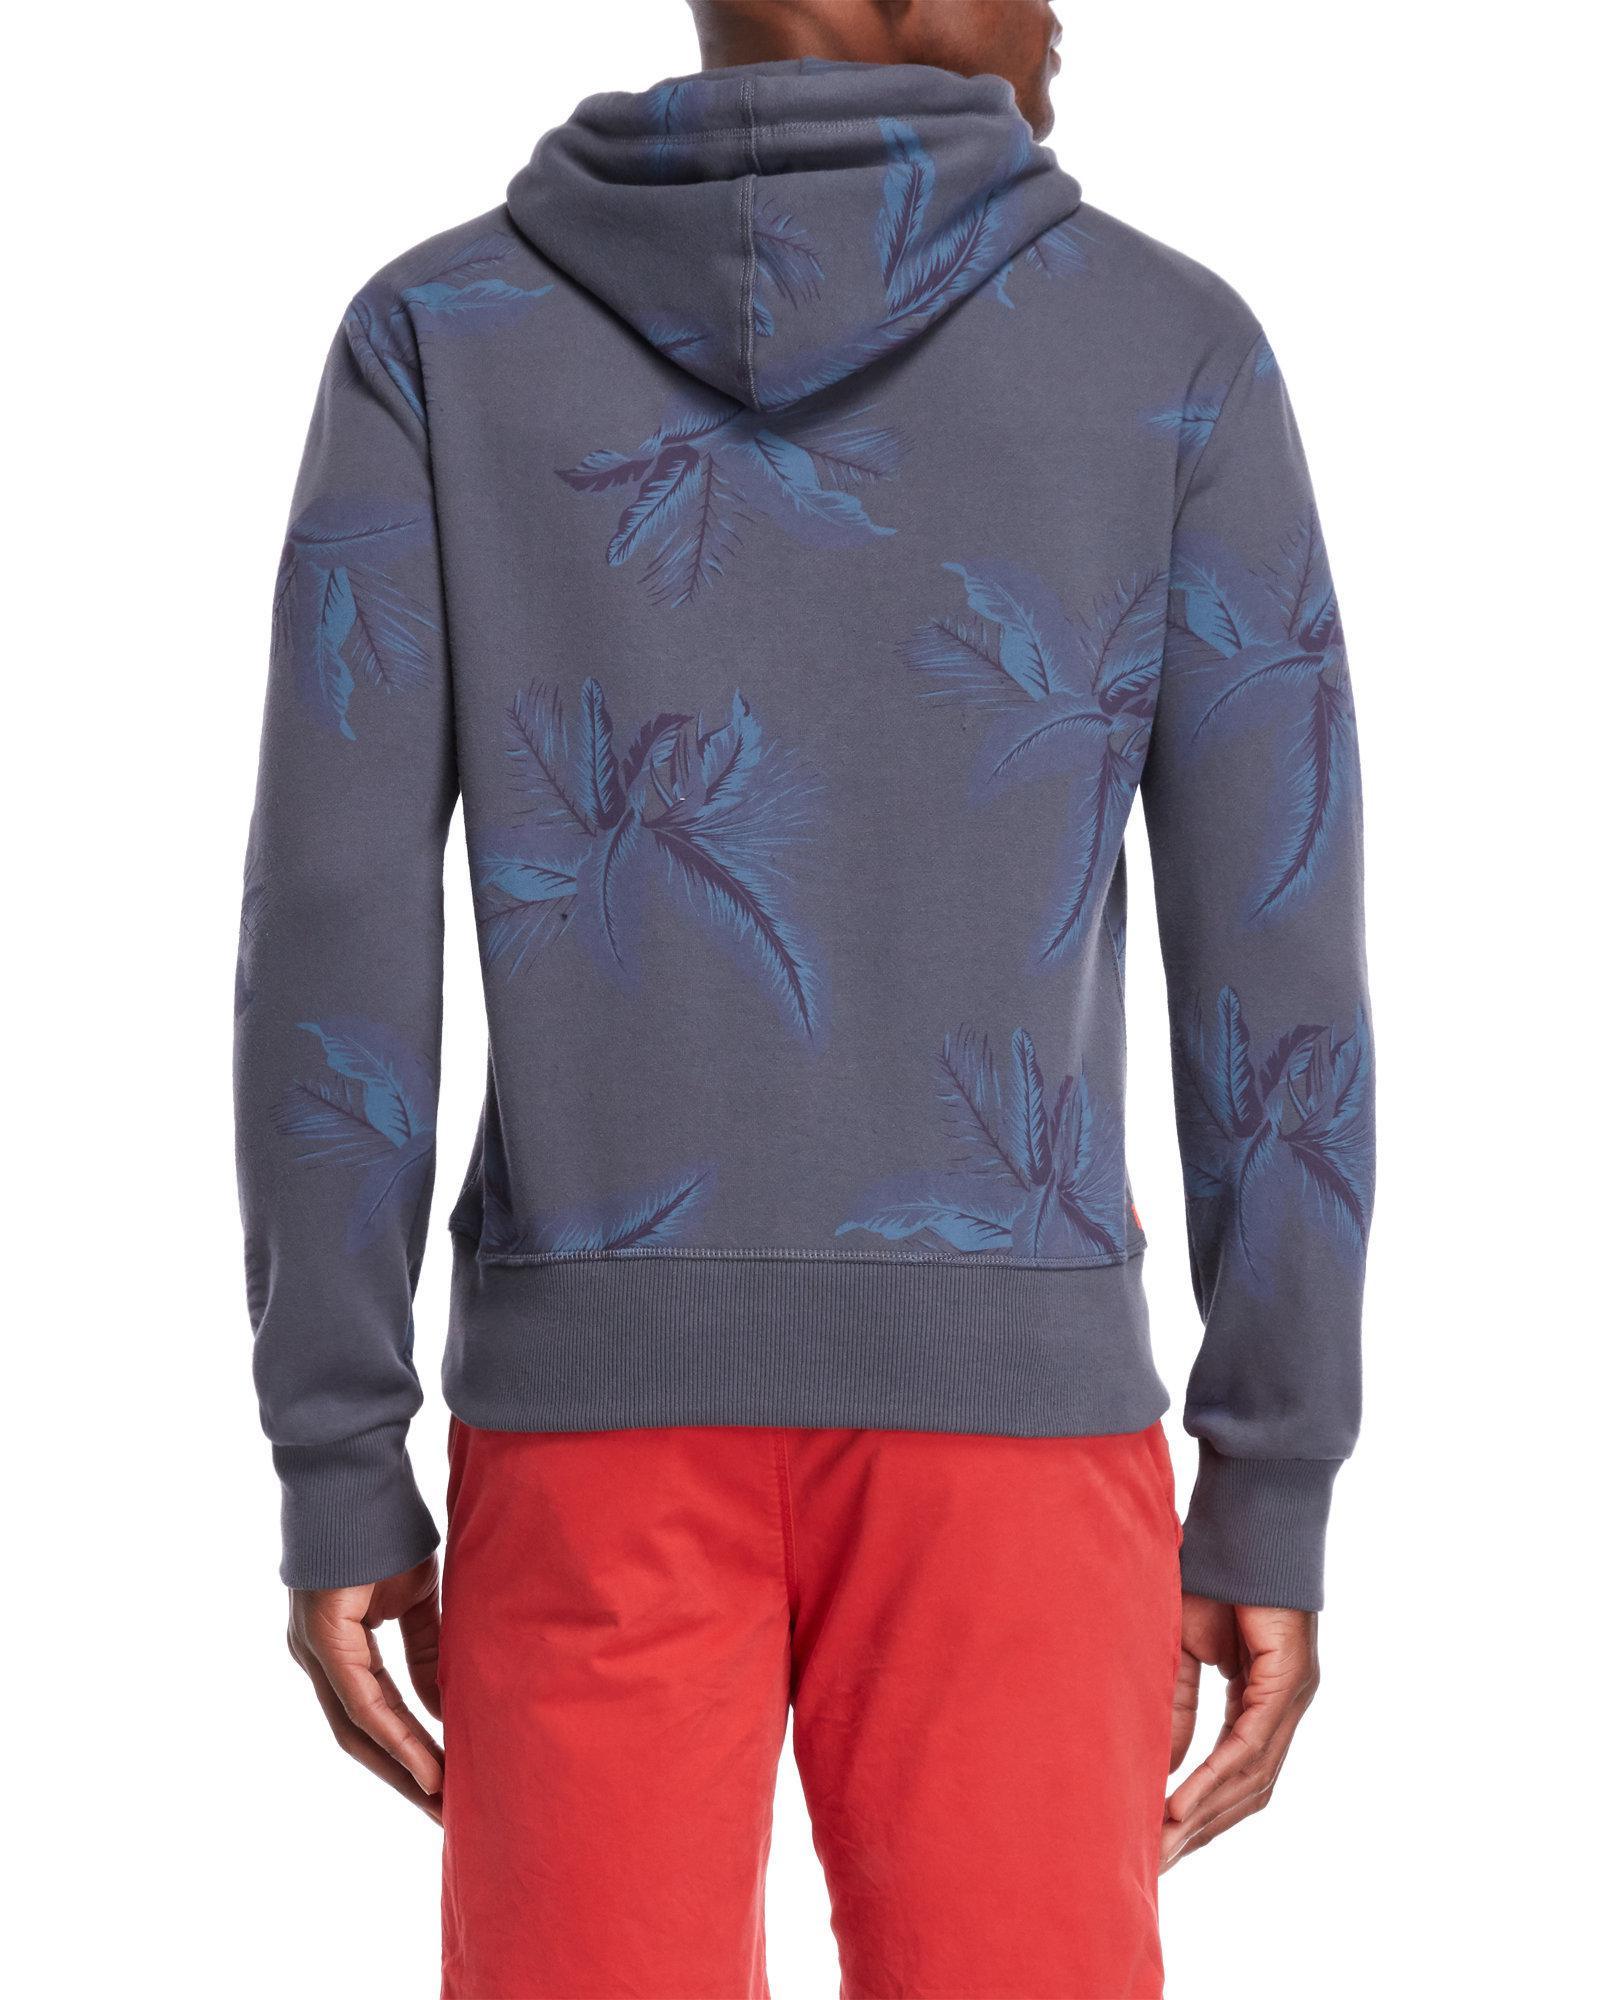 Sport-kapuzenpullis & -sweatshirts Motiviert Oneill Surf Blau Logo Kapuzenpullover